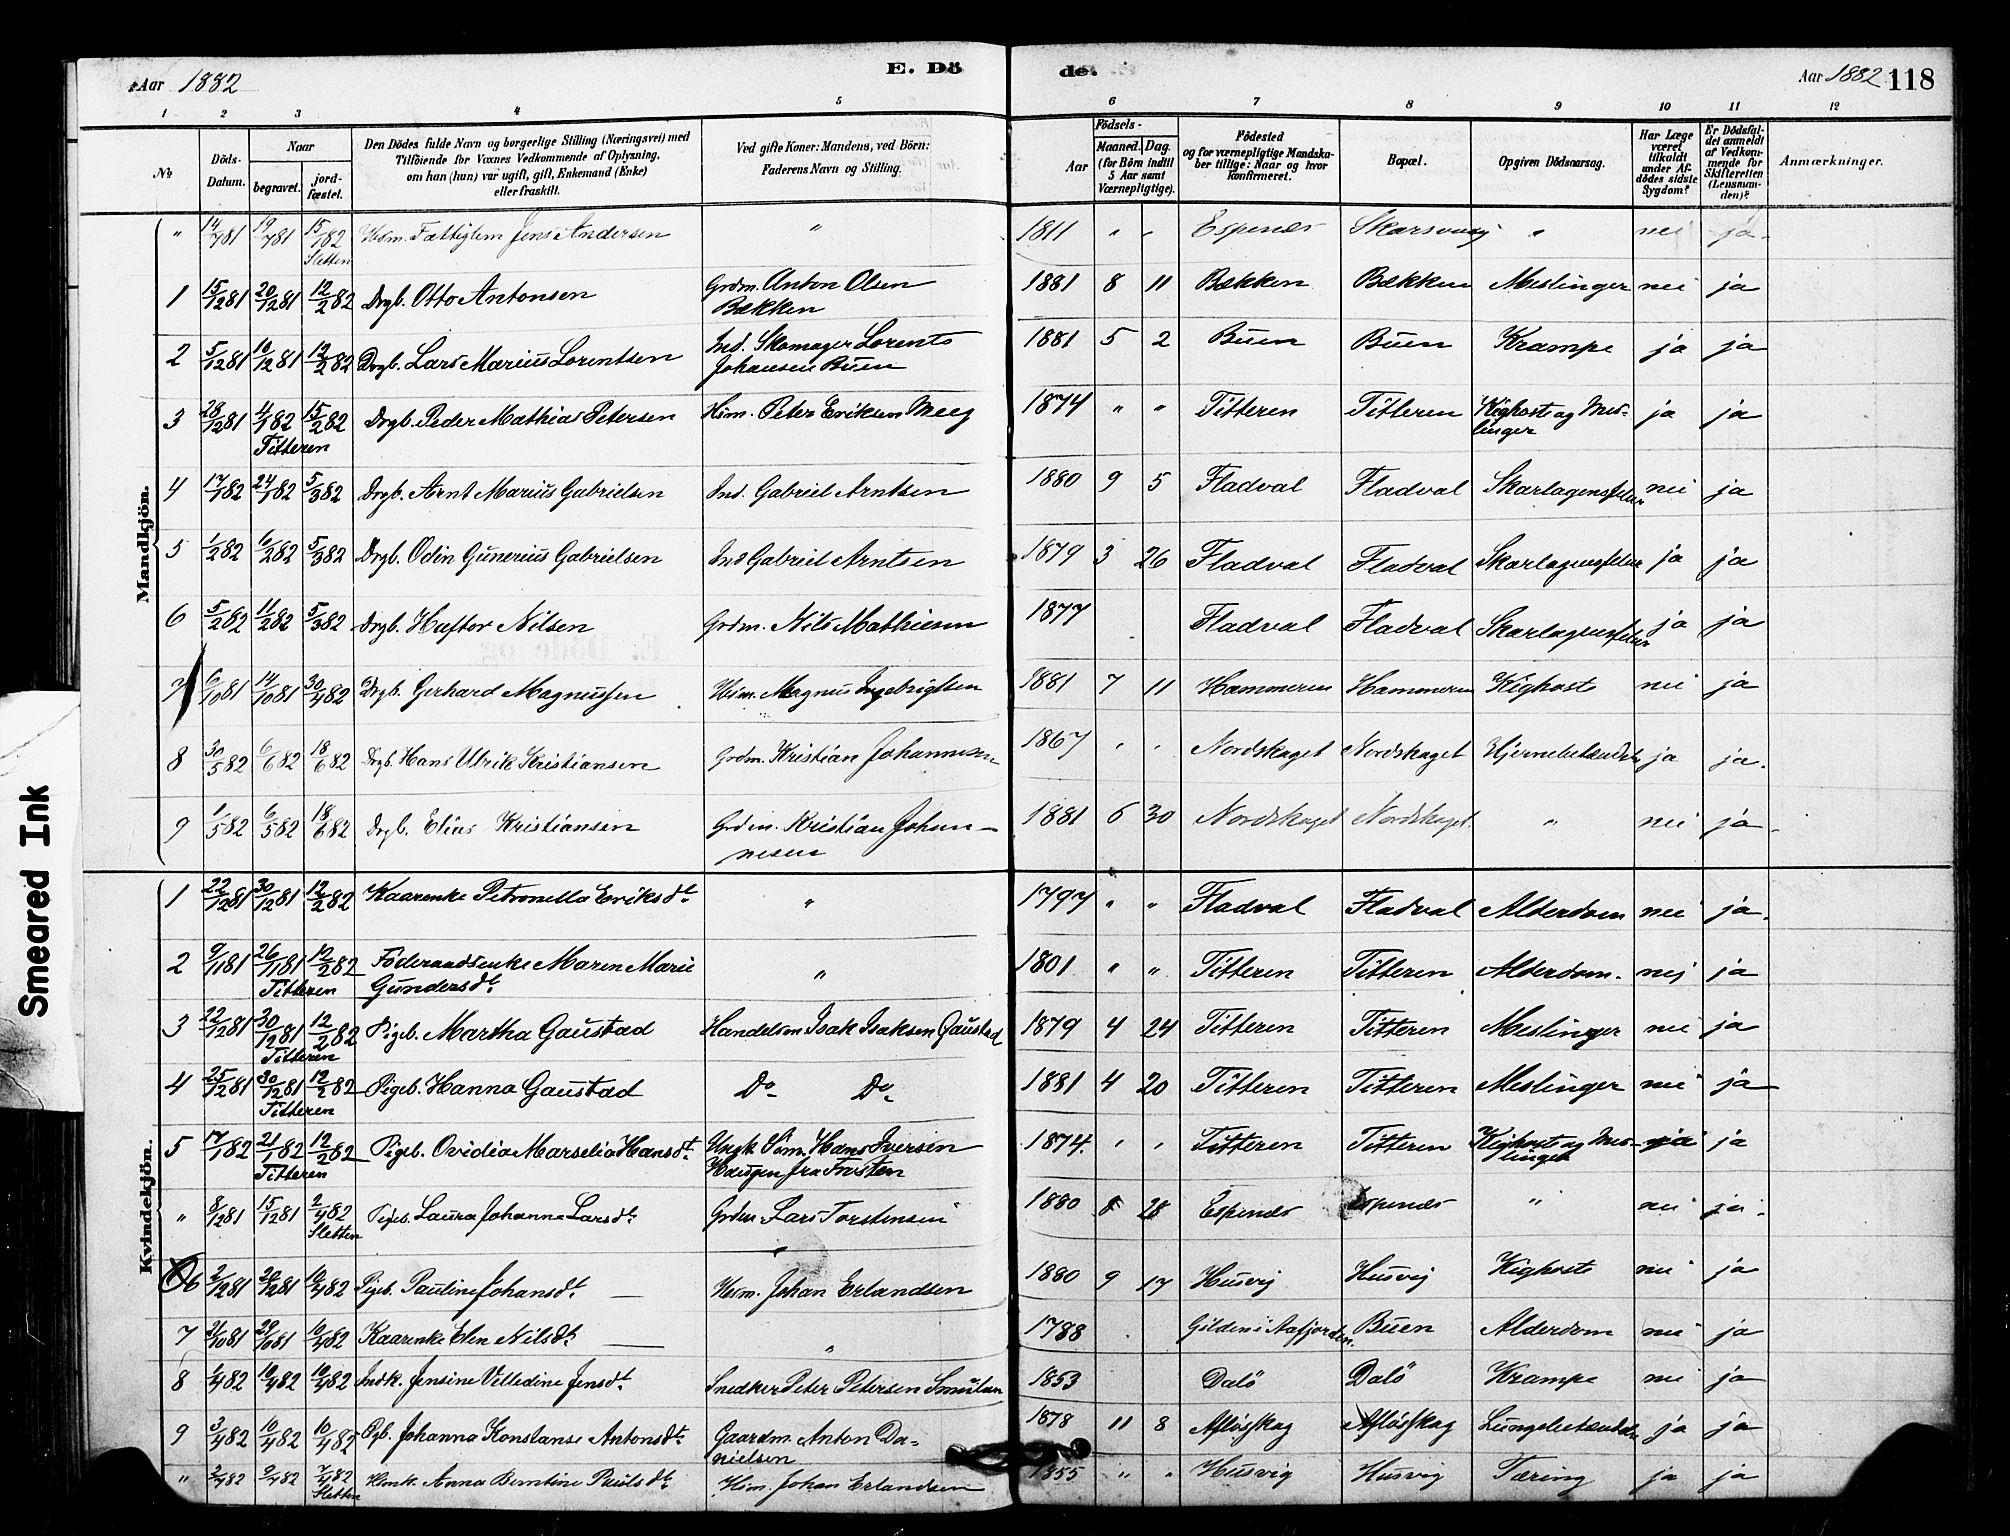 SAT, Ministerialprotokoller, klokkerbøker og fødselsregistre - Sør-Trøndelag, 641/L0595: Ministerialbok nr. 641A01, 1882-1897, s. 118